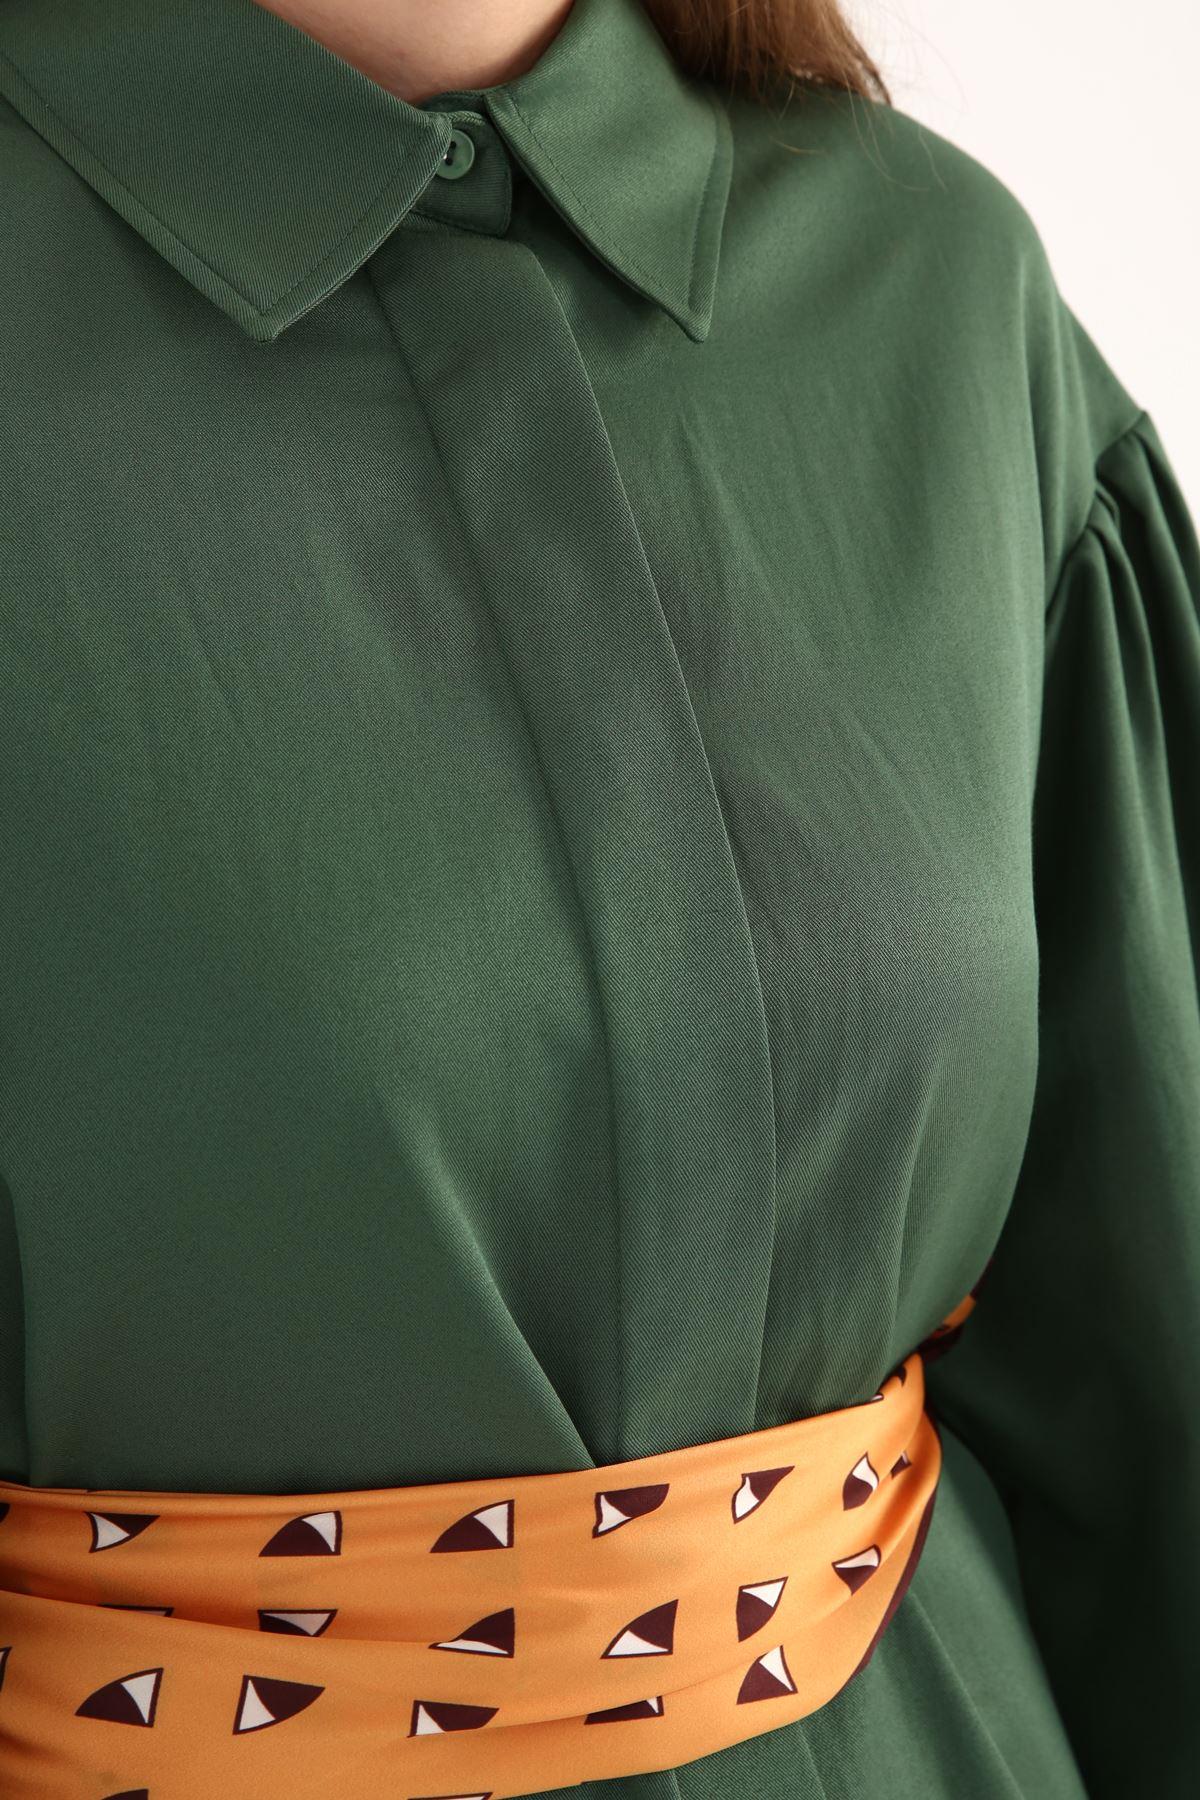 Kolları Pileli Önü Düğmeli Rahat Kalıp kadın Gömlek Tunik-yeşil